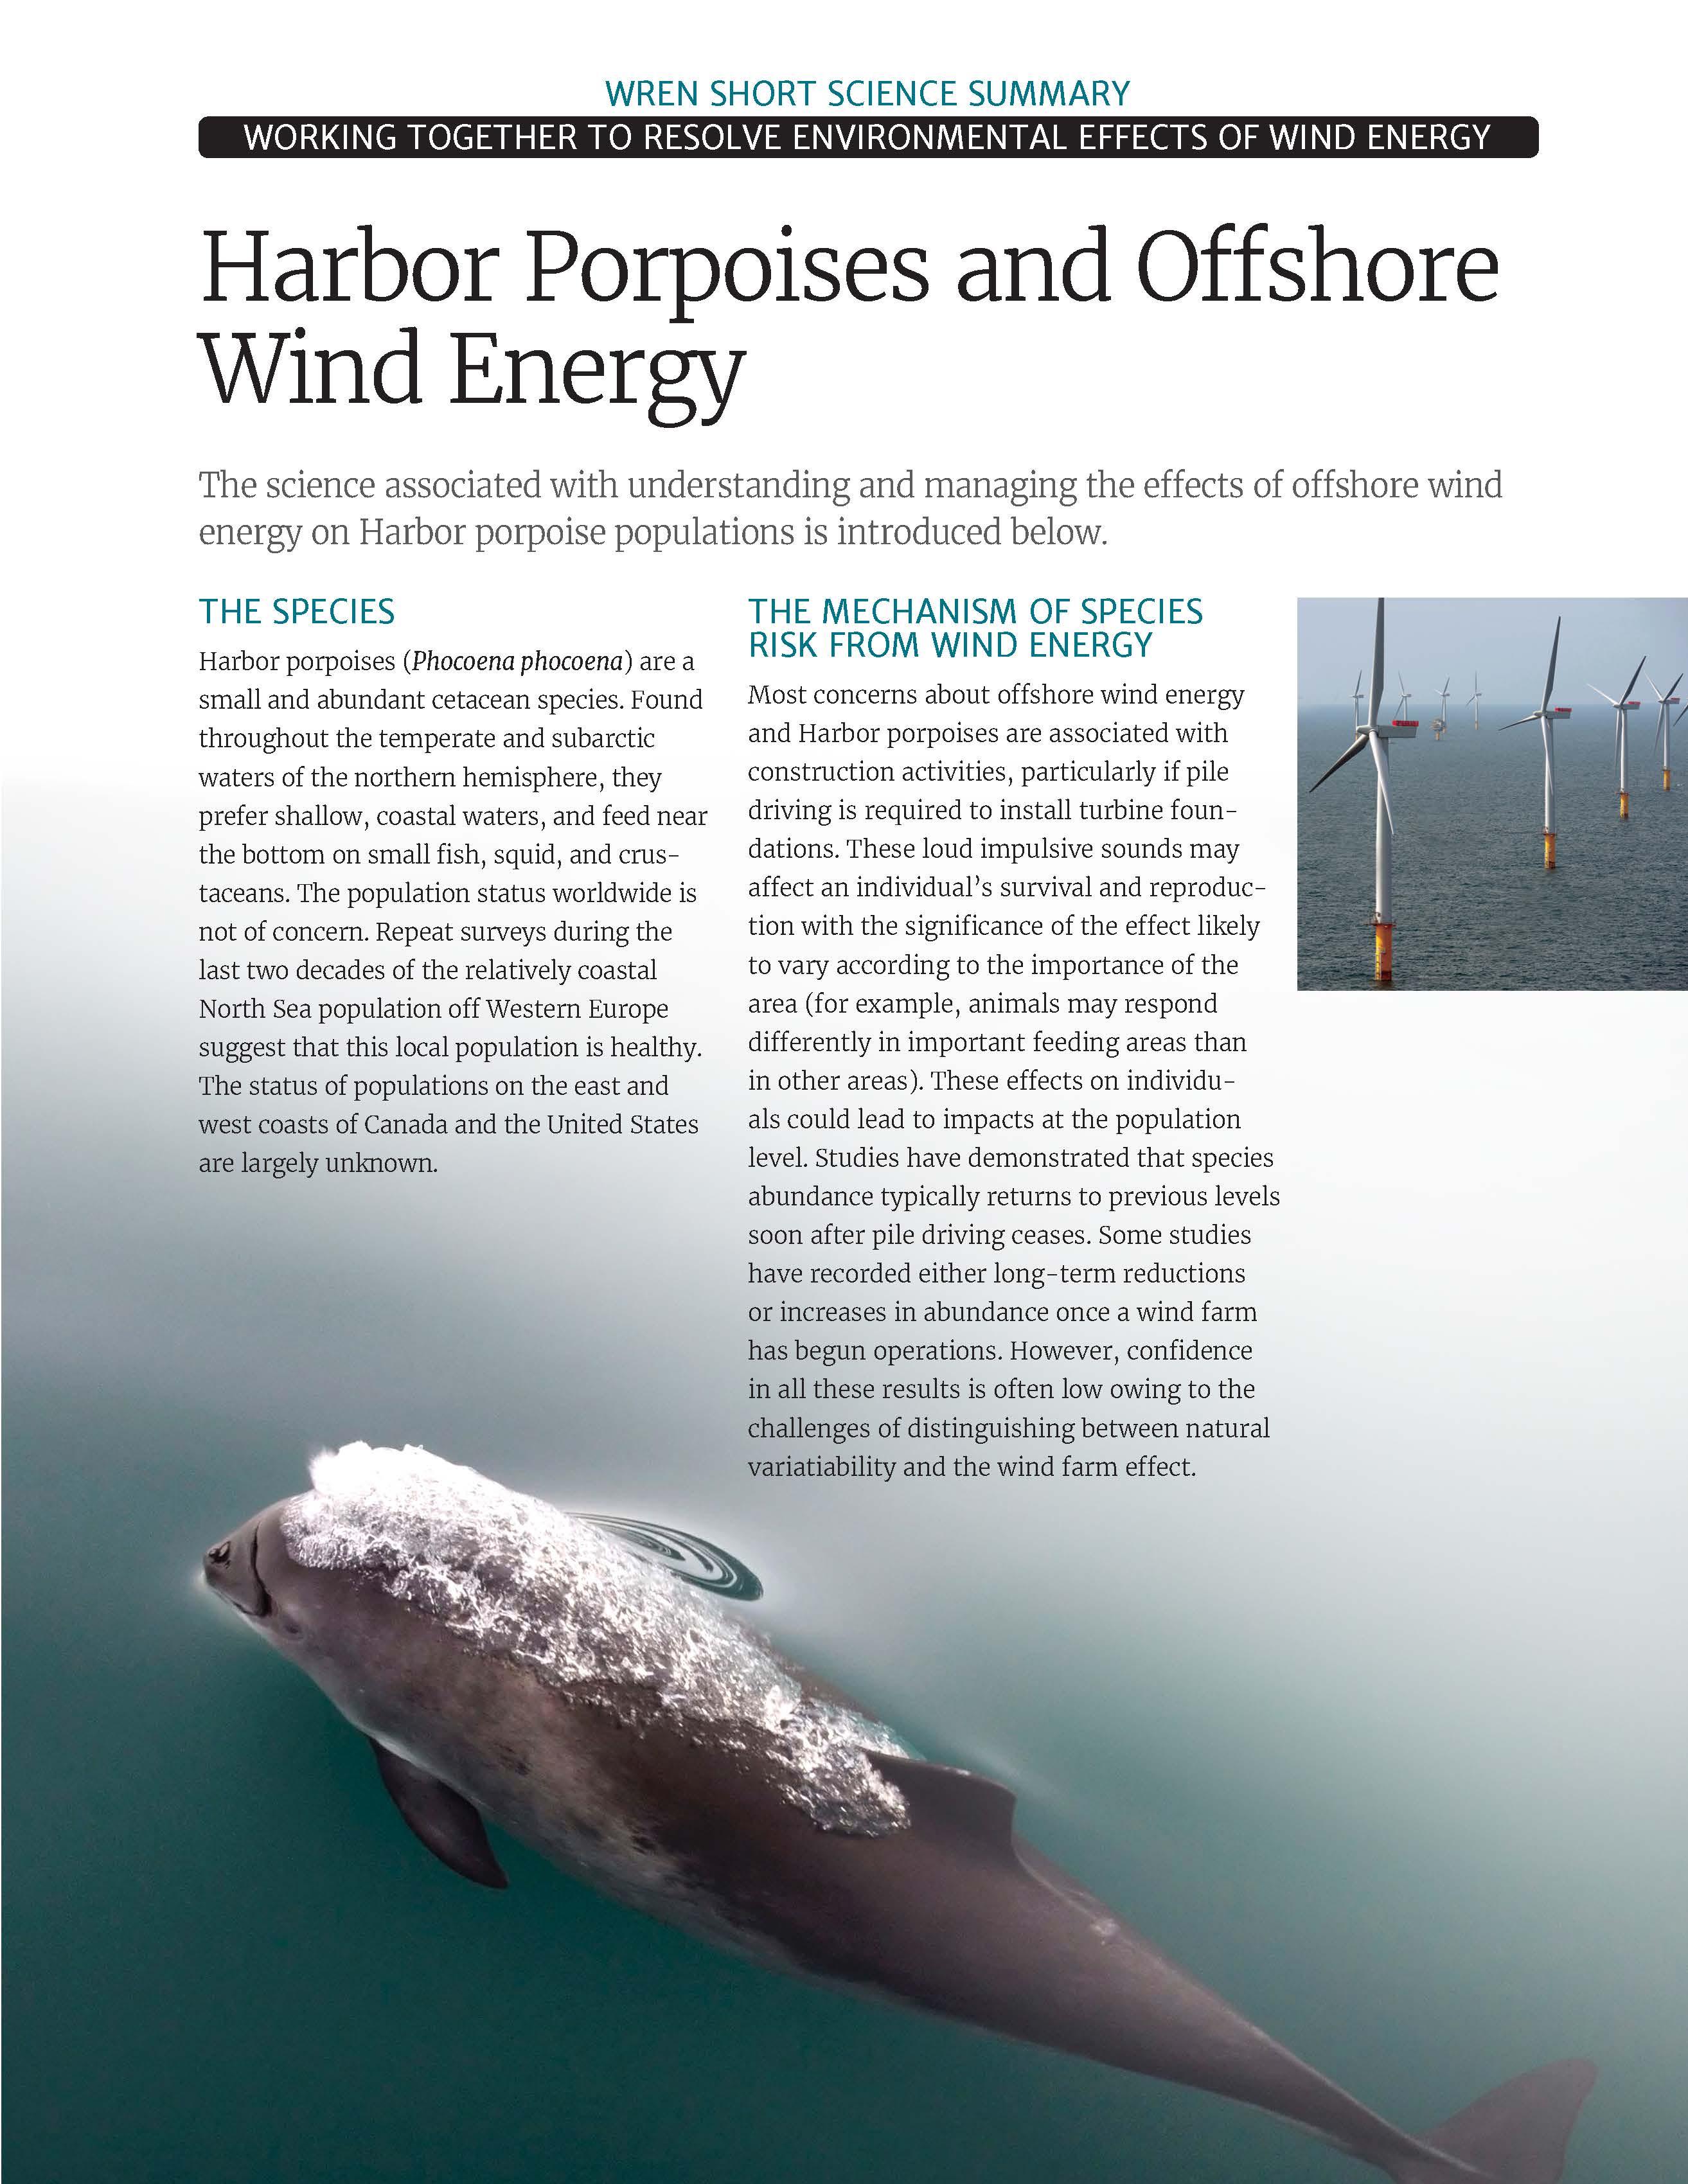 Harbor Porpoises Short Science Summary